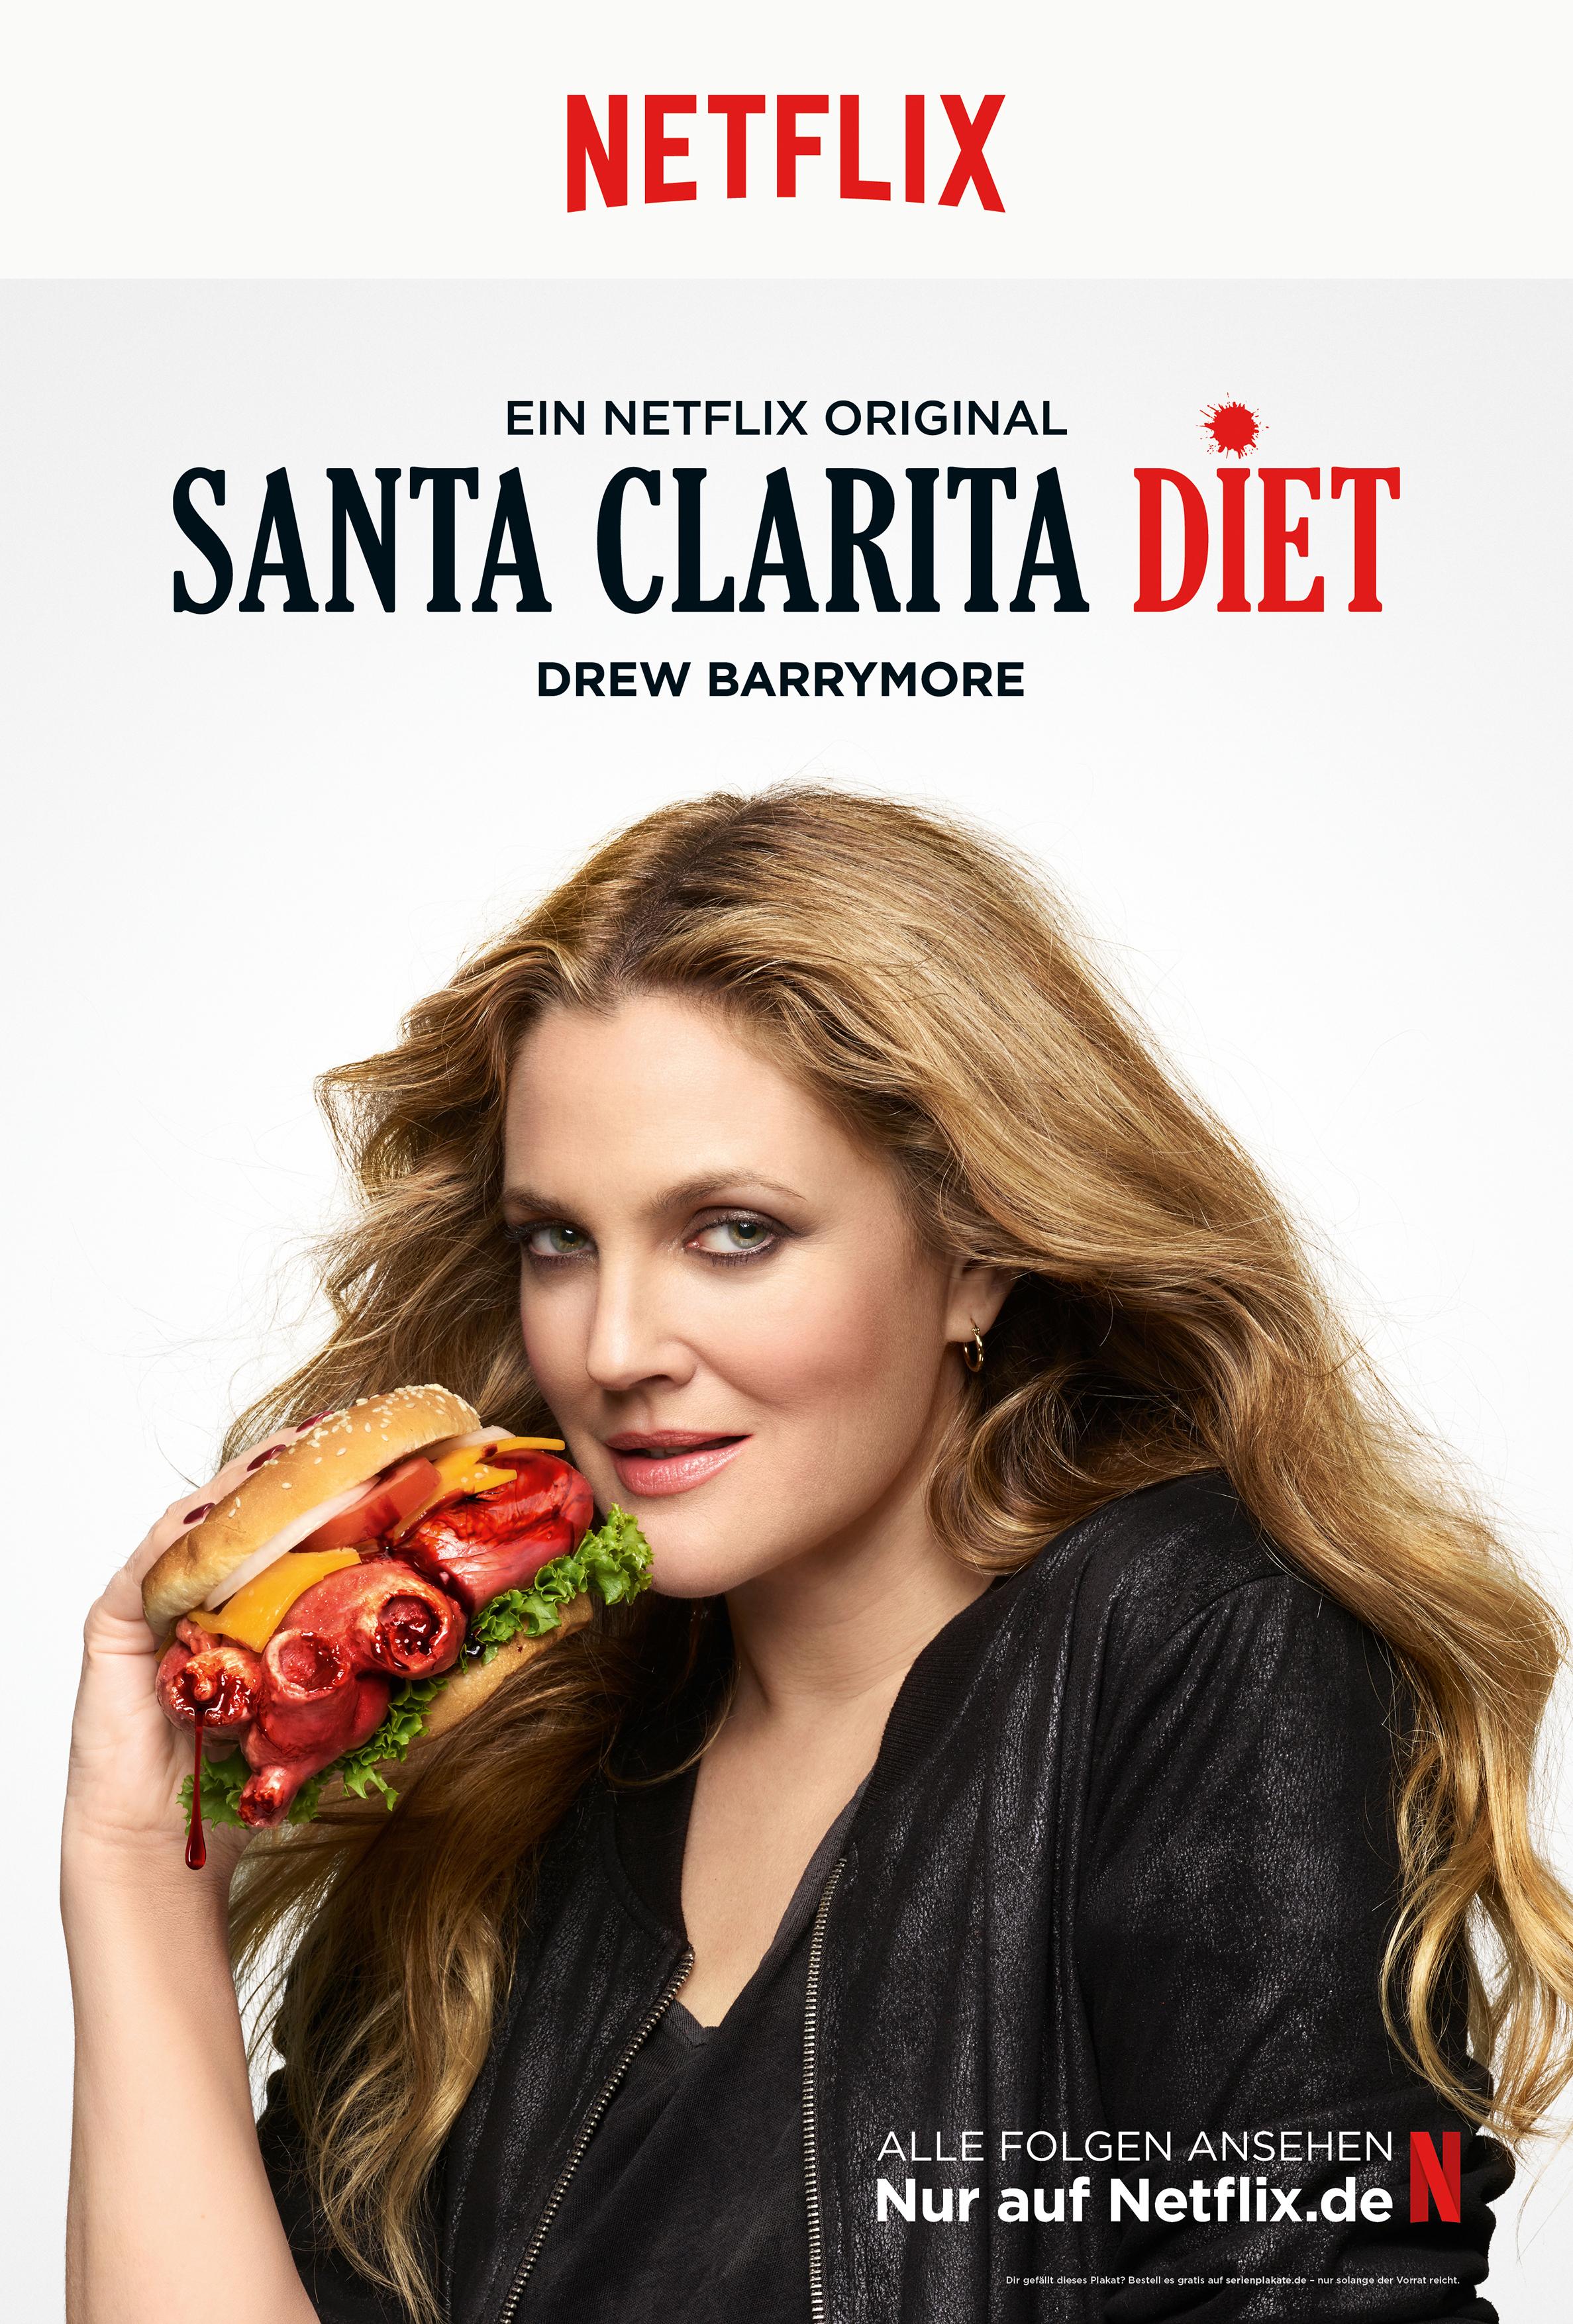 Gratis Serienplakate für Santa Clarita Diet von [Netflix] - 3 Motive auswählbar - kostenloser Versand